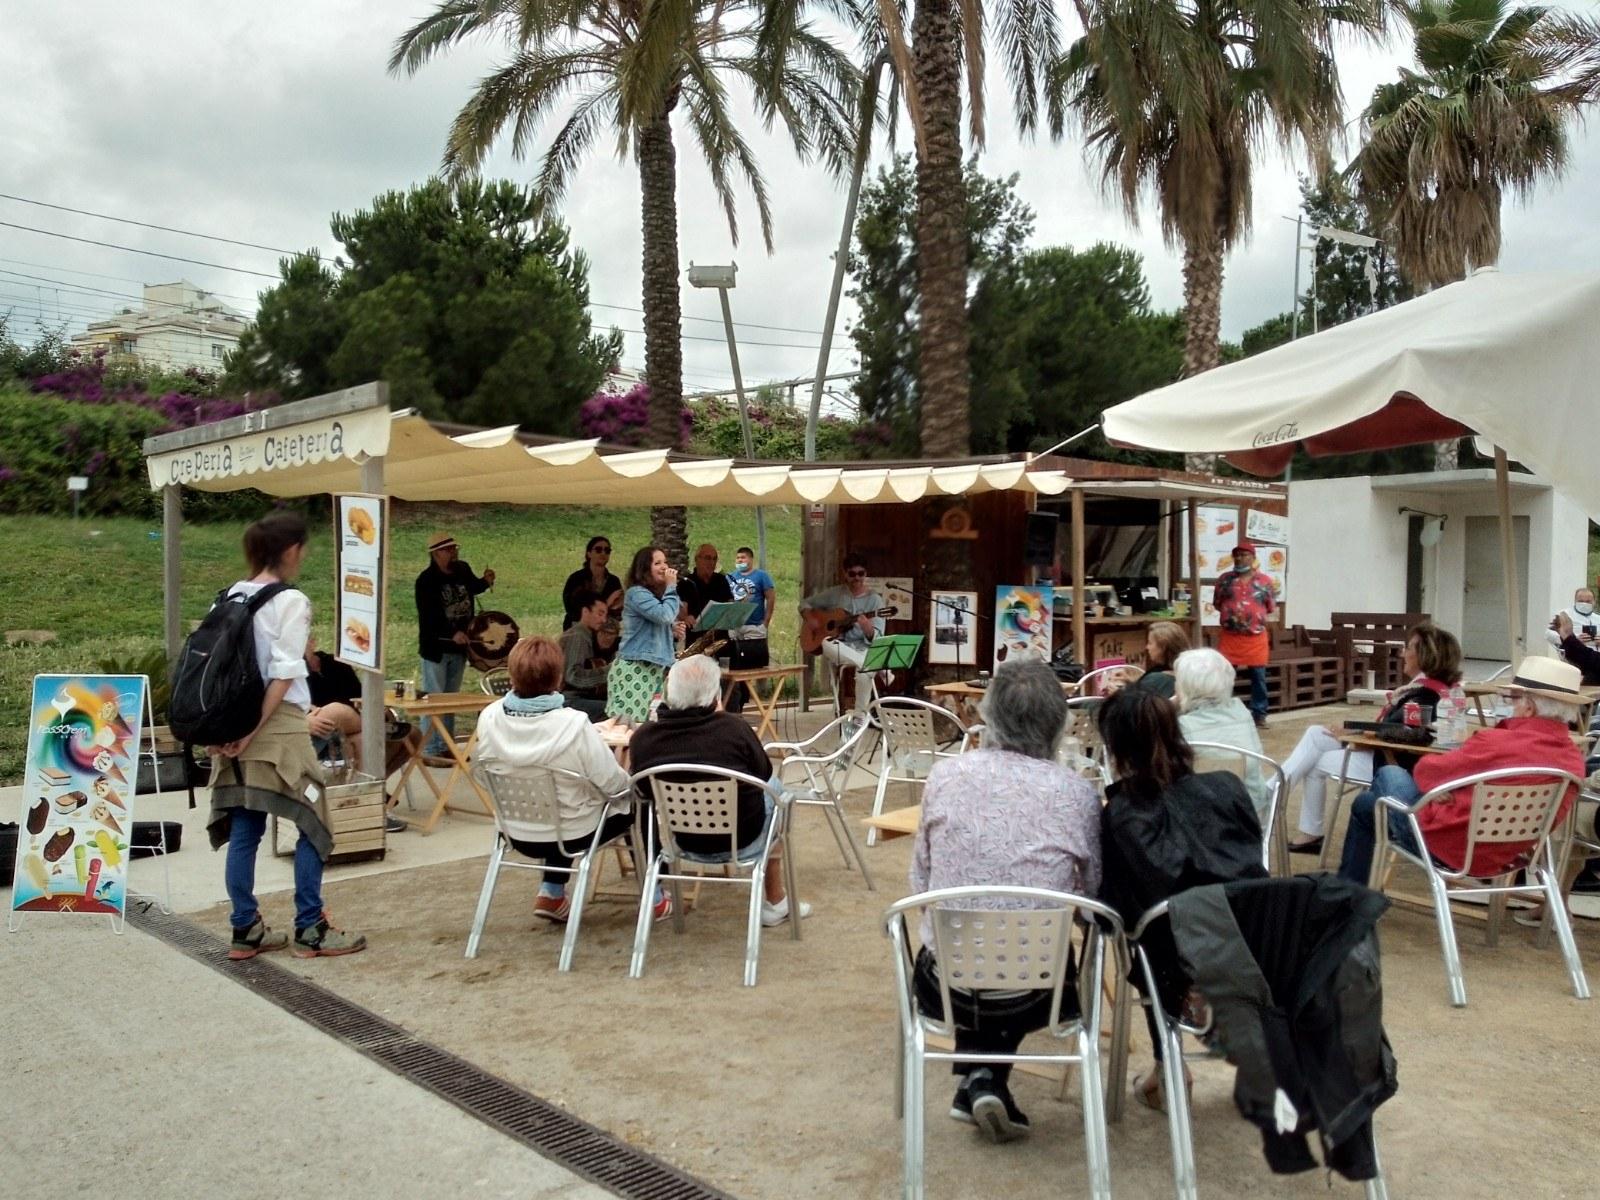 L'Ajuntament autoritza la música en viu i ambiental a terrasses i establiments de restauració i hostaleria